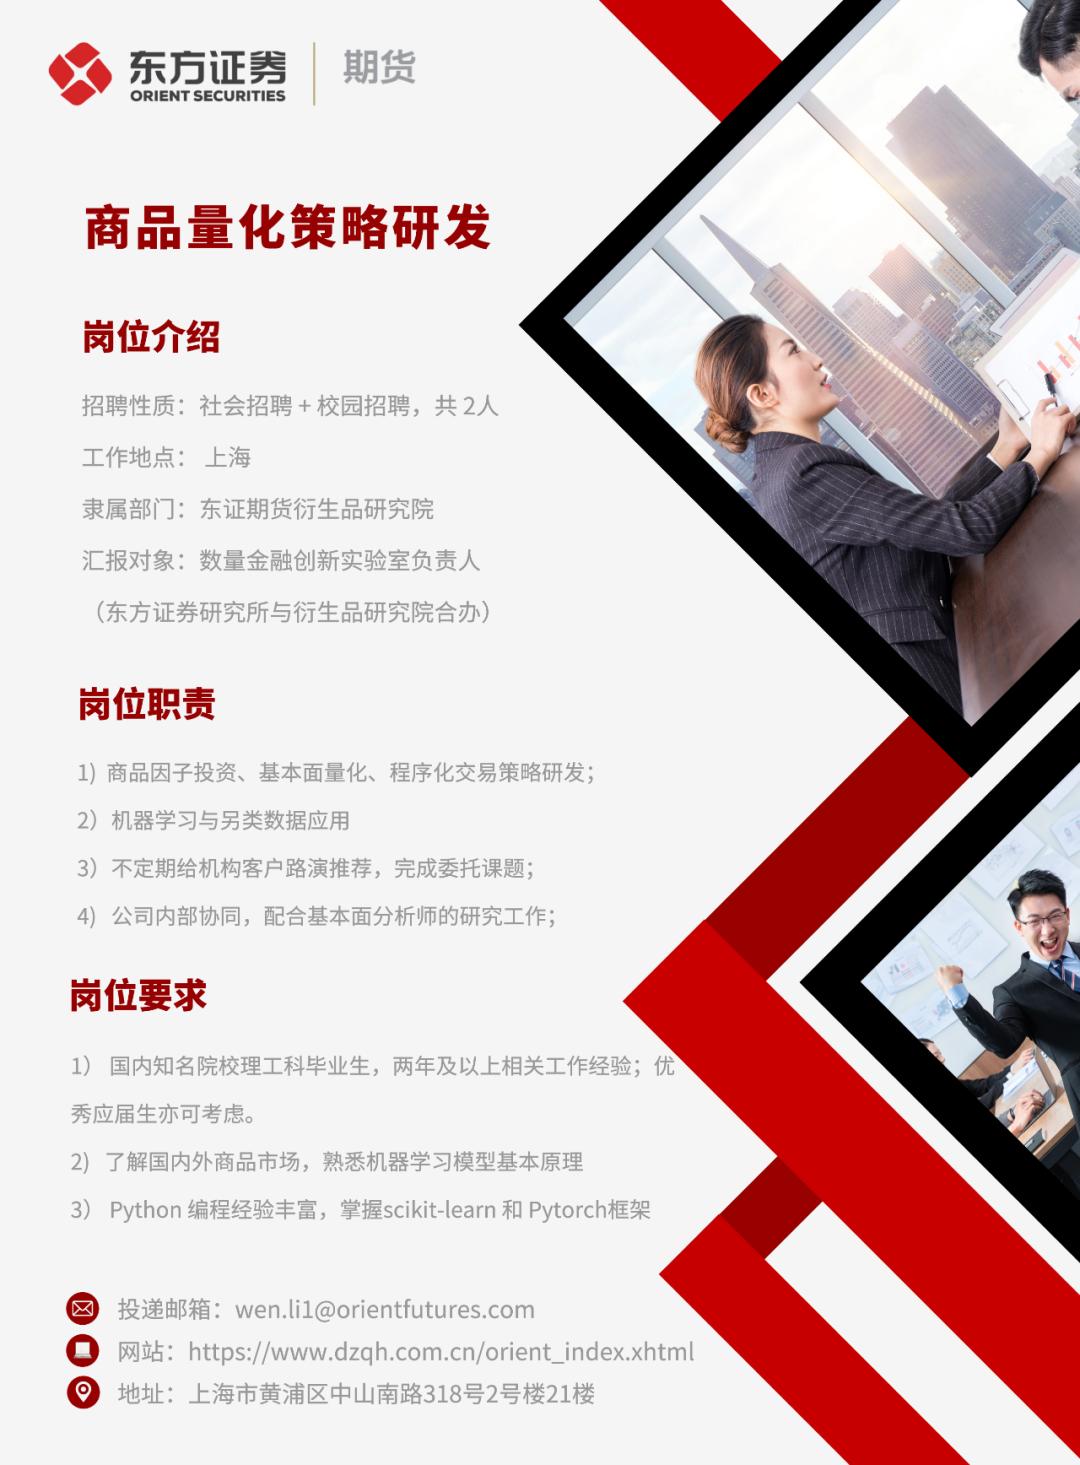 【寻找头号人物】东证数量金融创新实验室---衍生品研究招聘